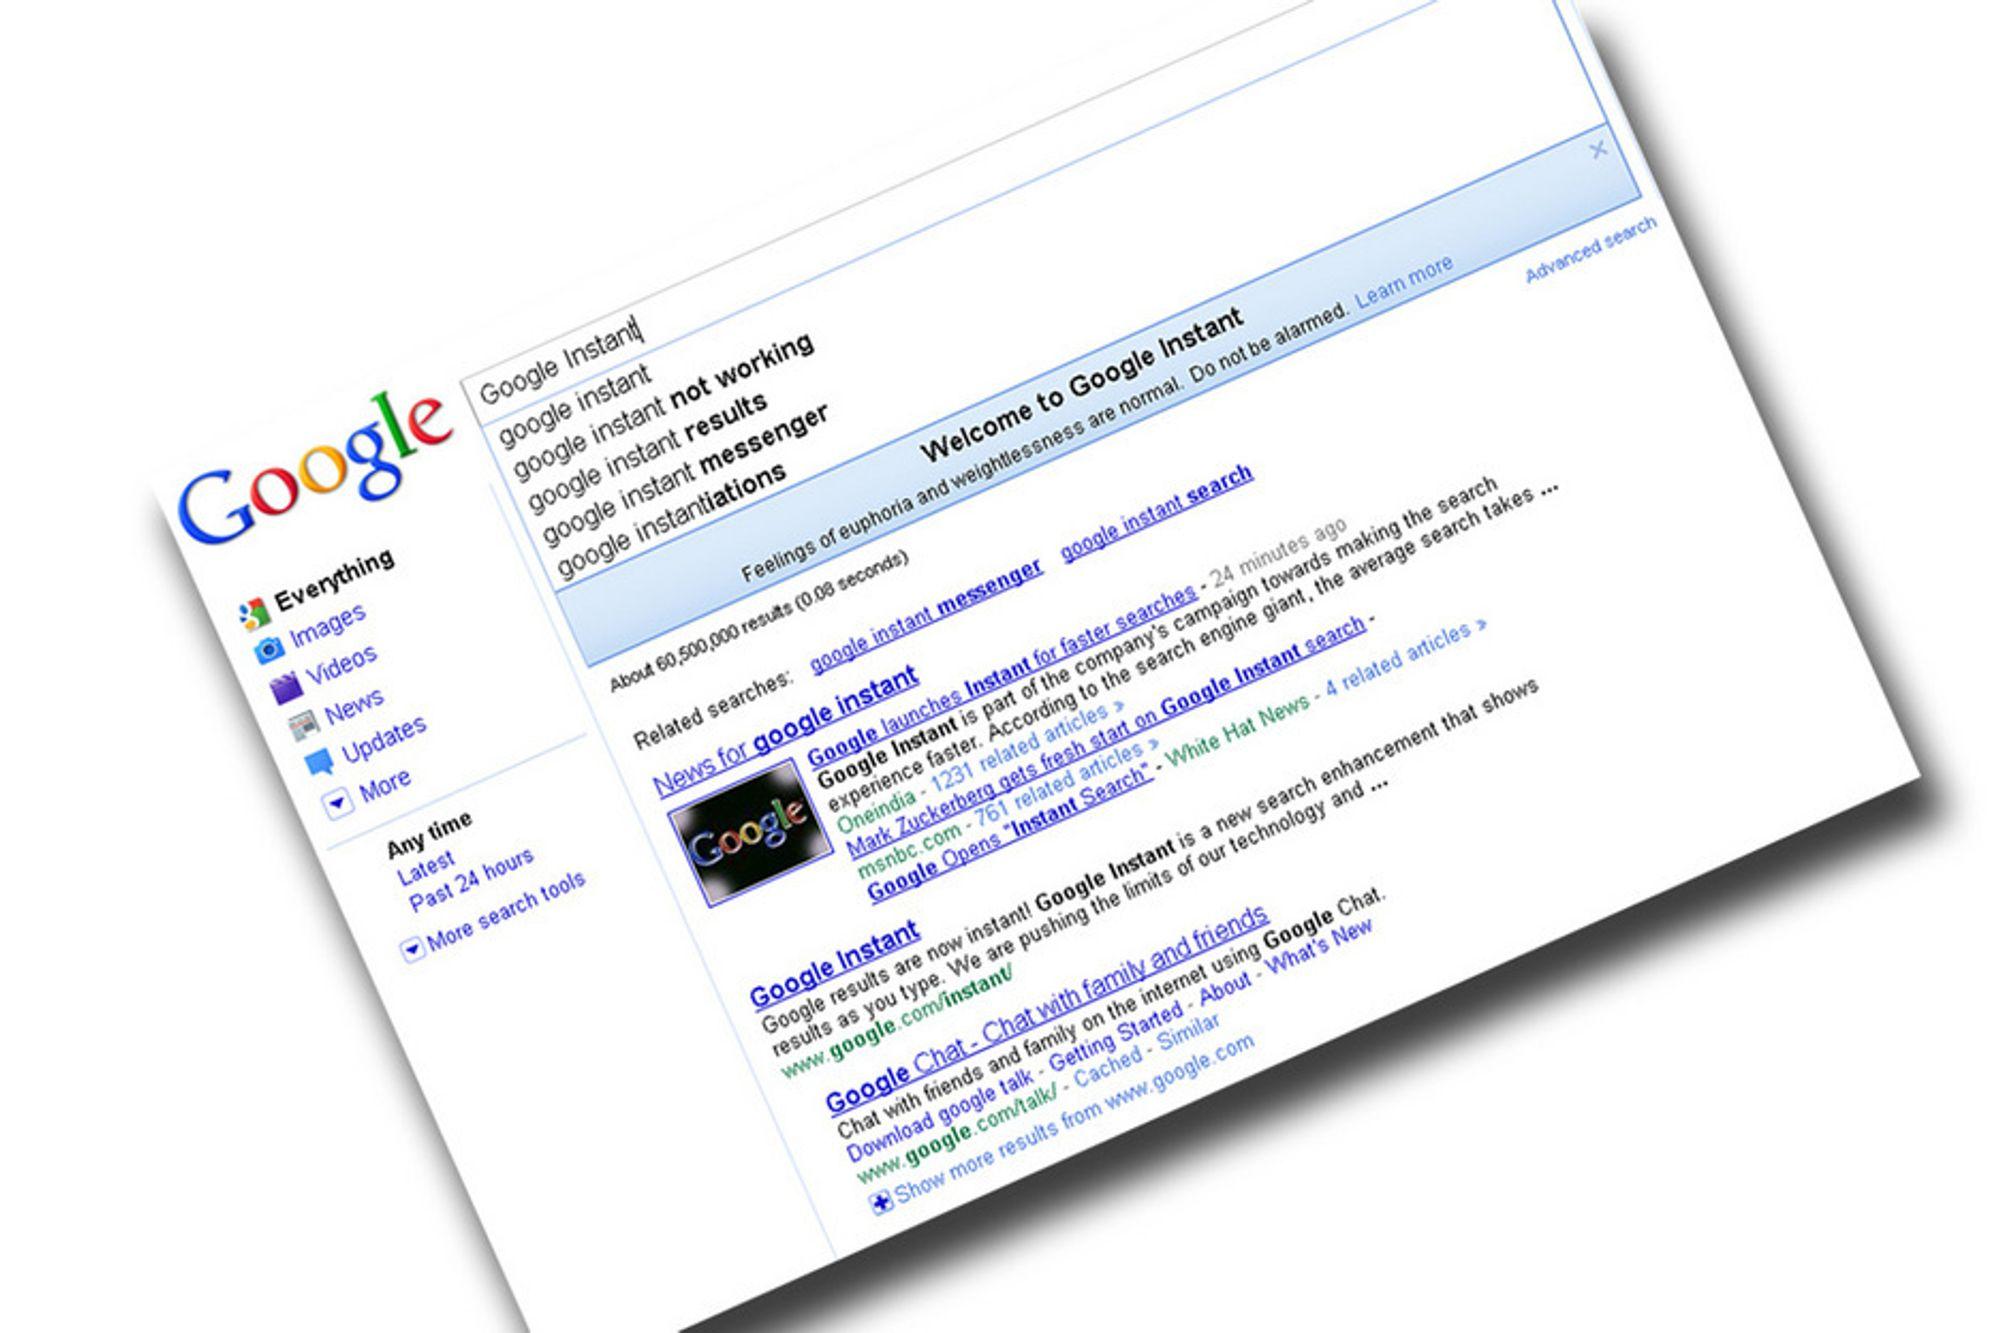 Google Instant bringer opp søkeresultatene mens du skriver inn søkeordet ditt. Det skal spare masse tid, mener selskapet.